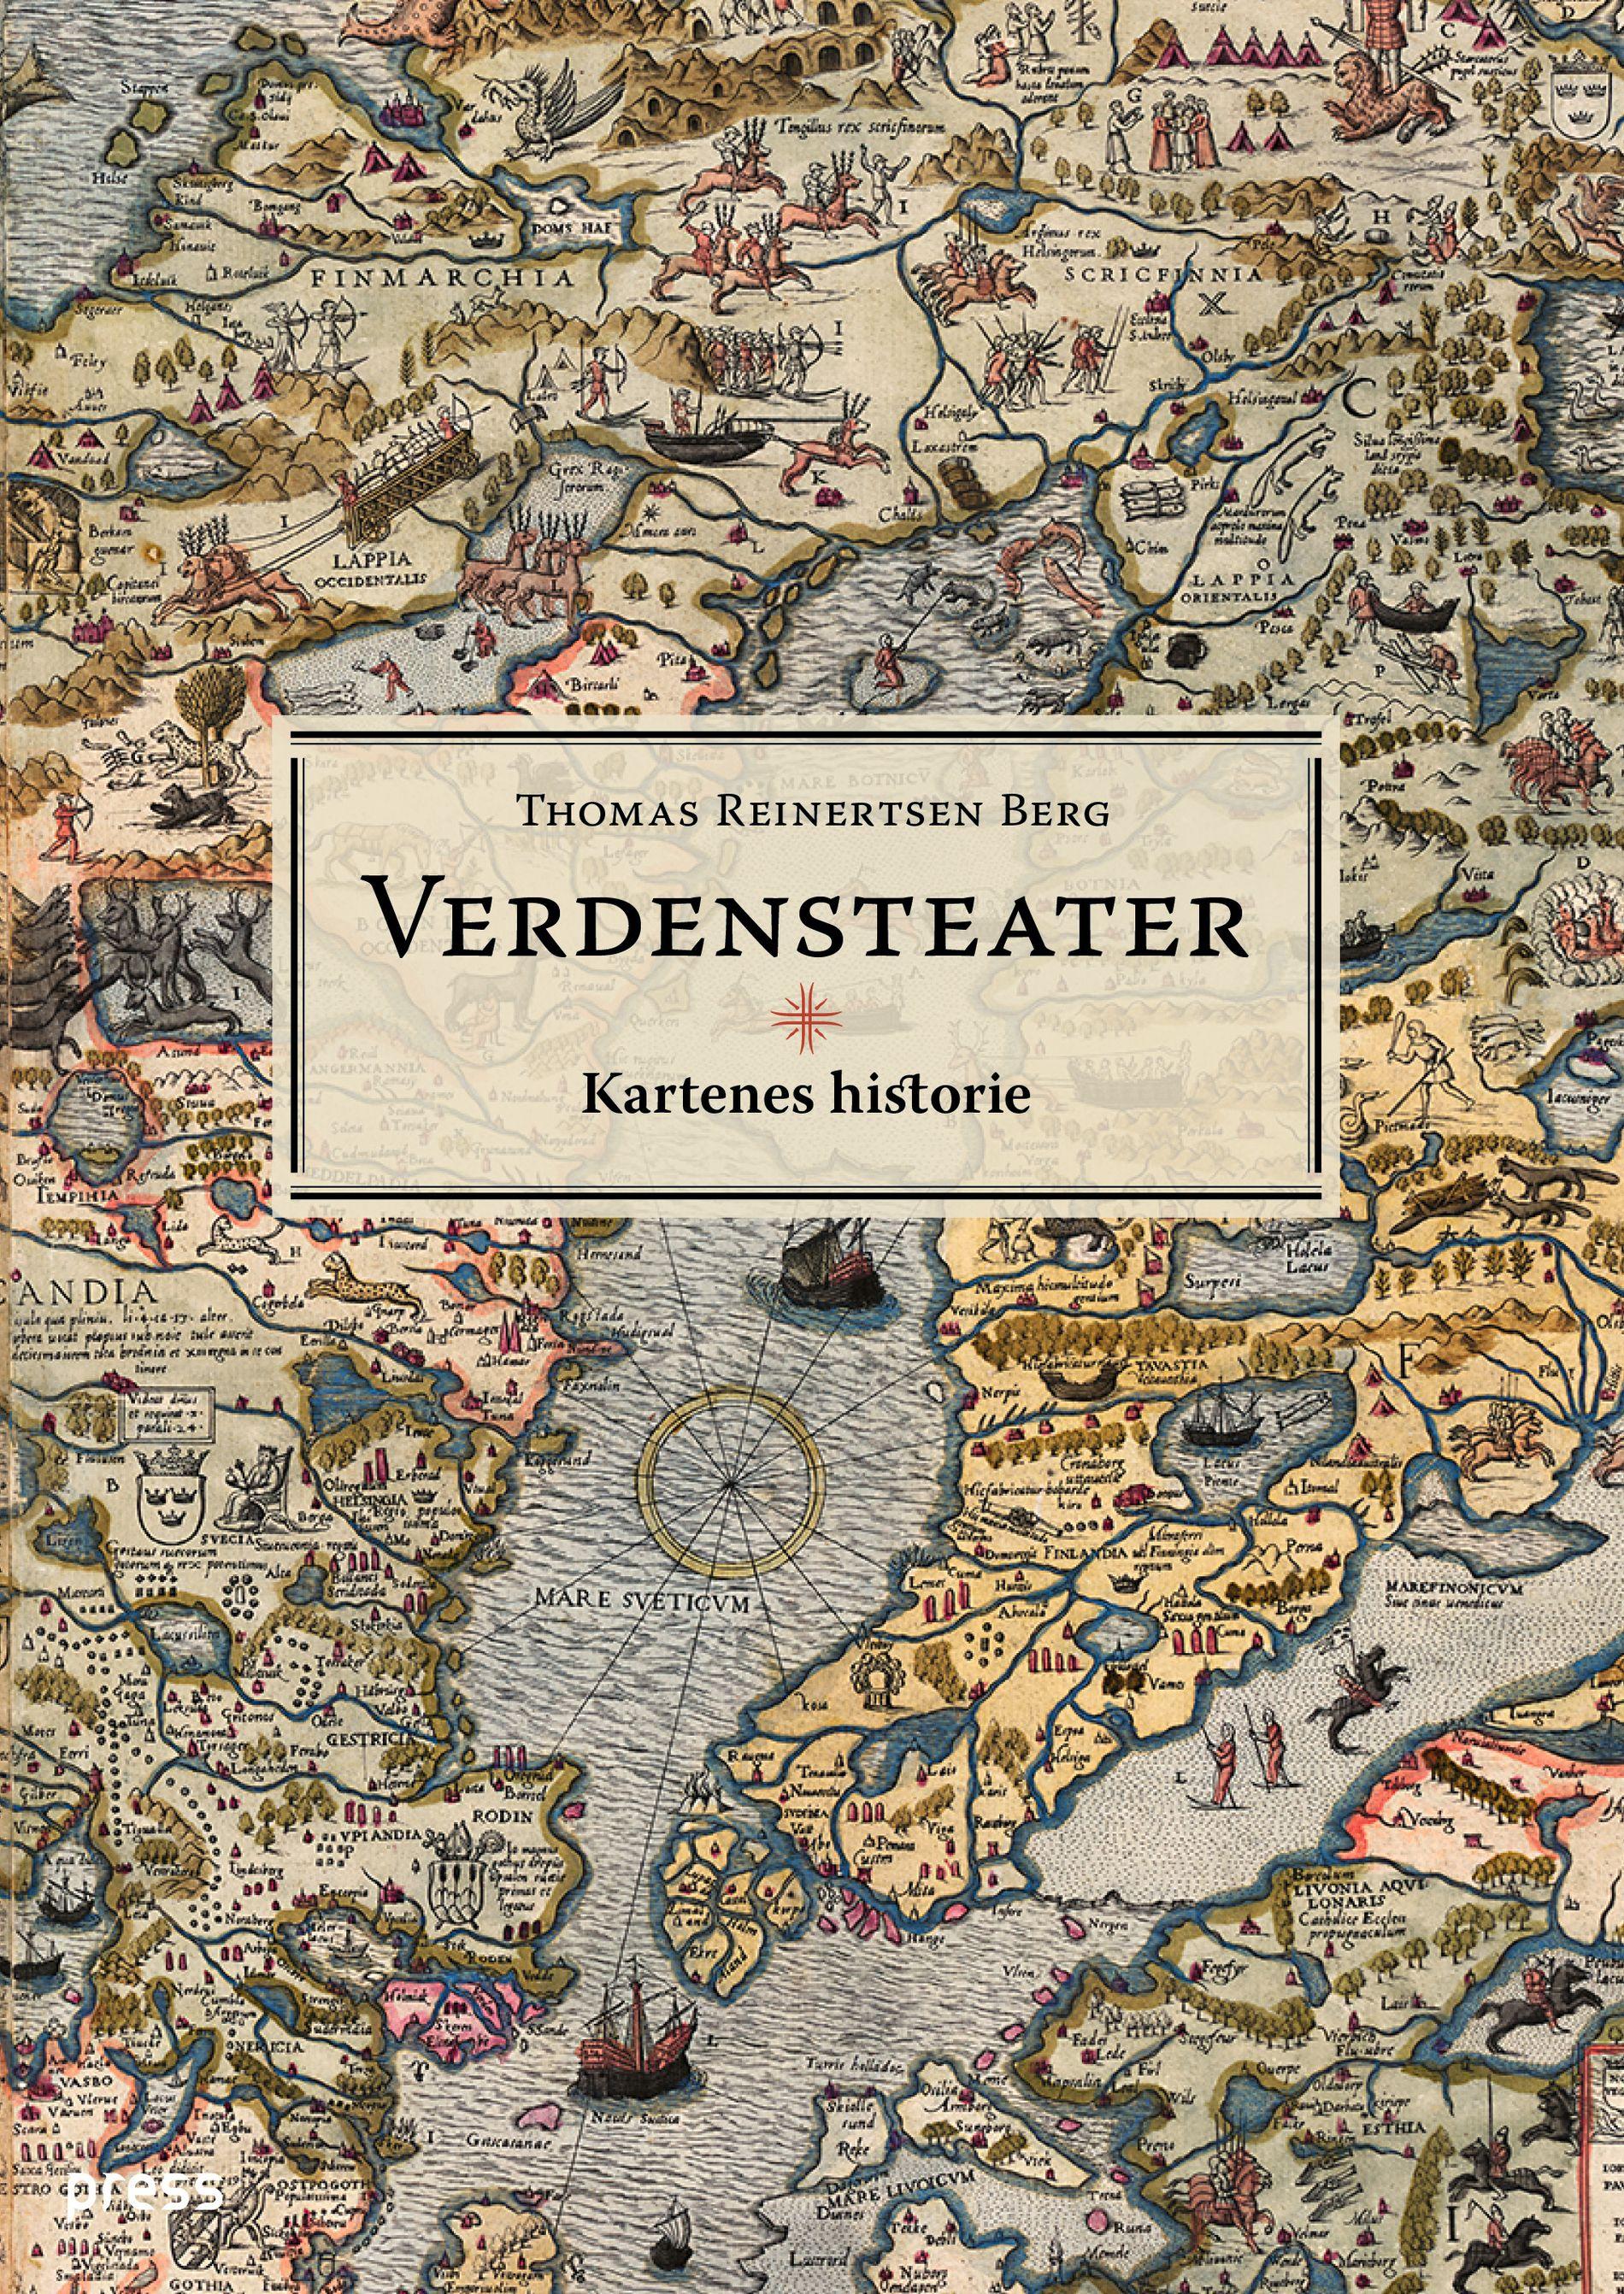 --- Tekst fra e-post --- Emne: verdensteater.jpg Tekst: Verdensteater av Thomas Reinertsen Berg